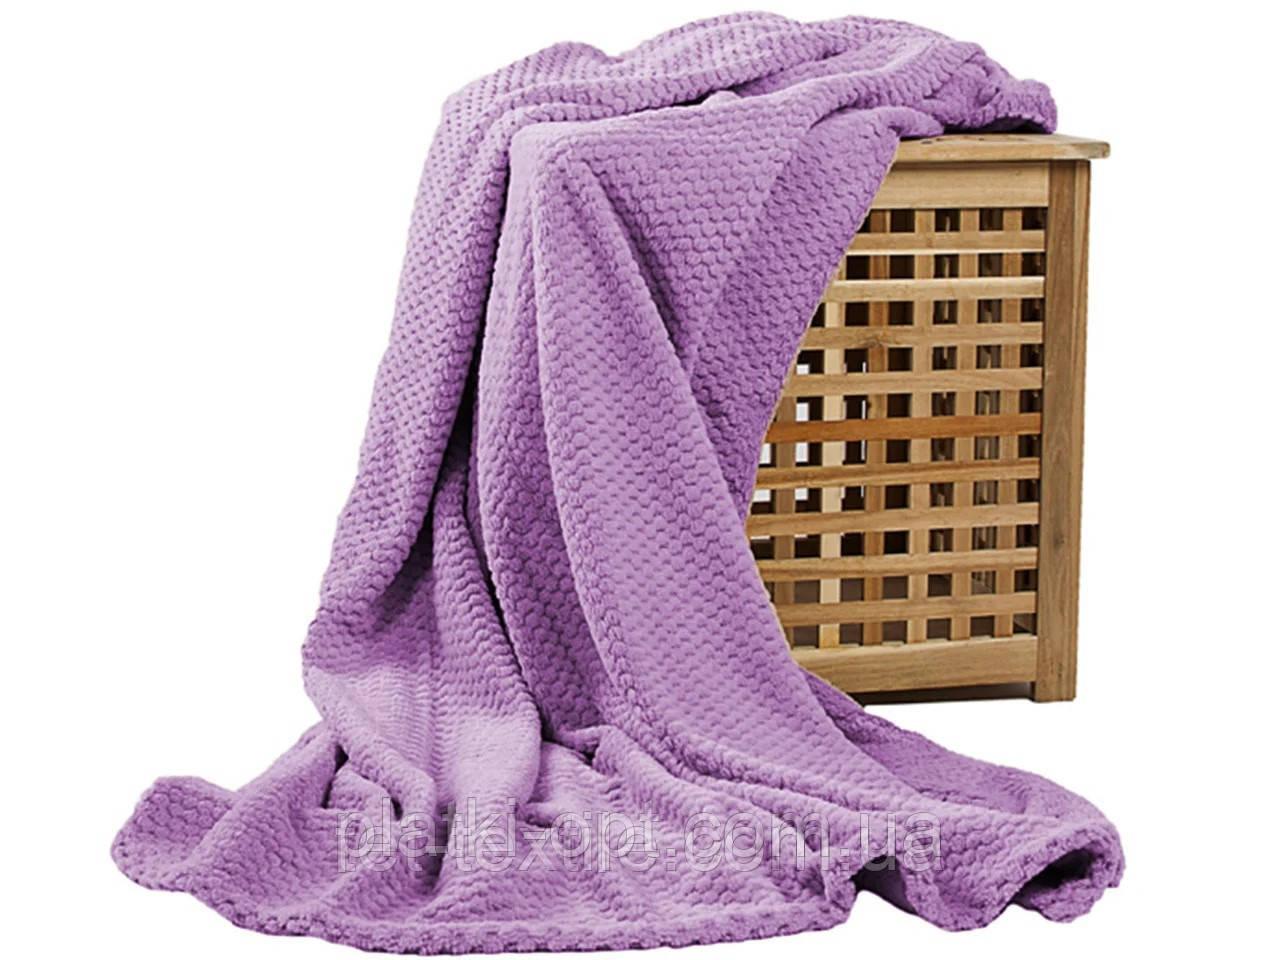 Покрывало велюровое бамбук (сиреневое) 200х230 см